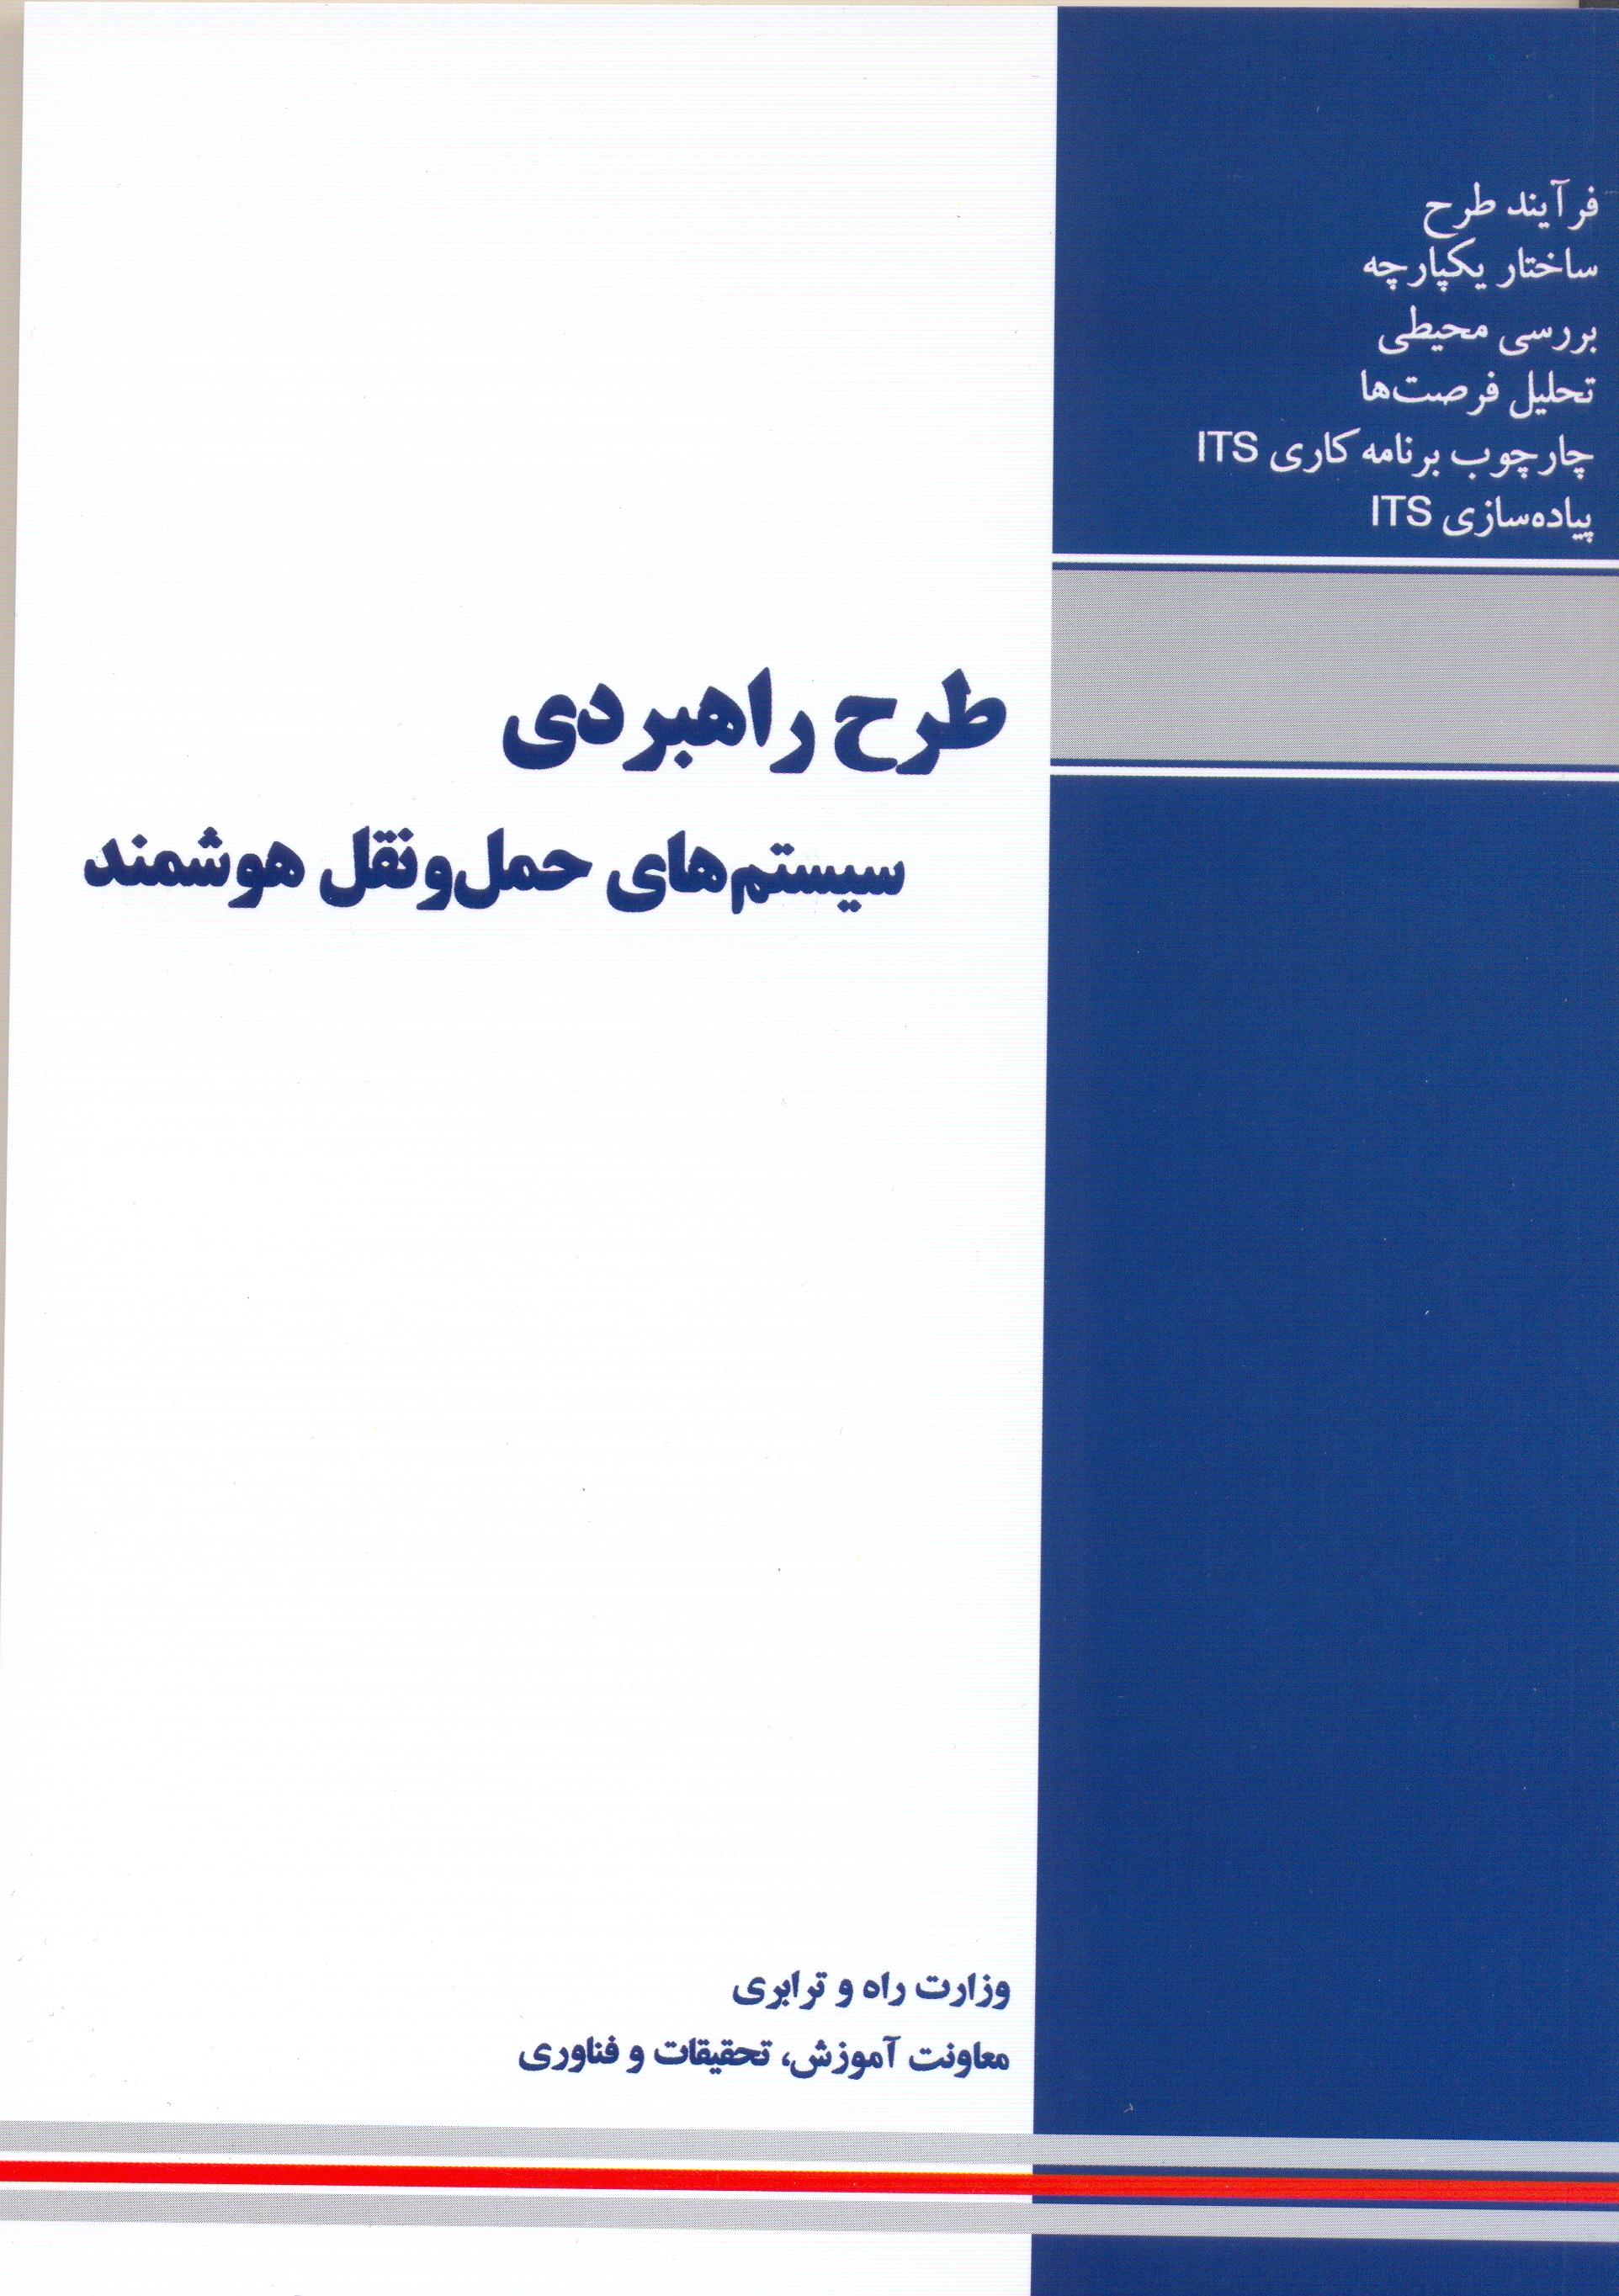 کتاب طرح راهبردی سیستم های حمل و نقل هوشمند